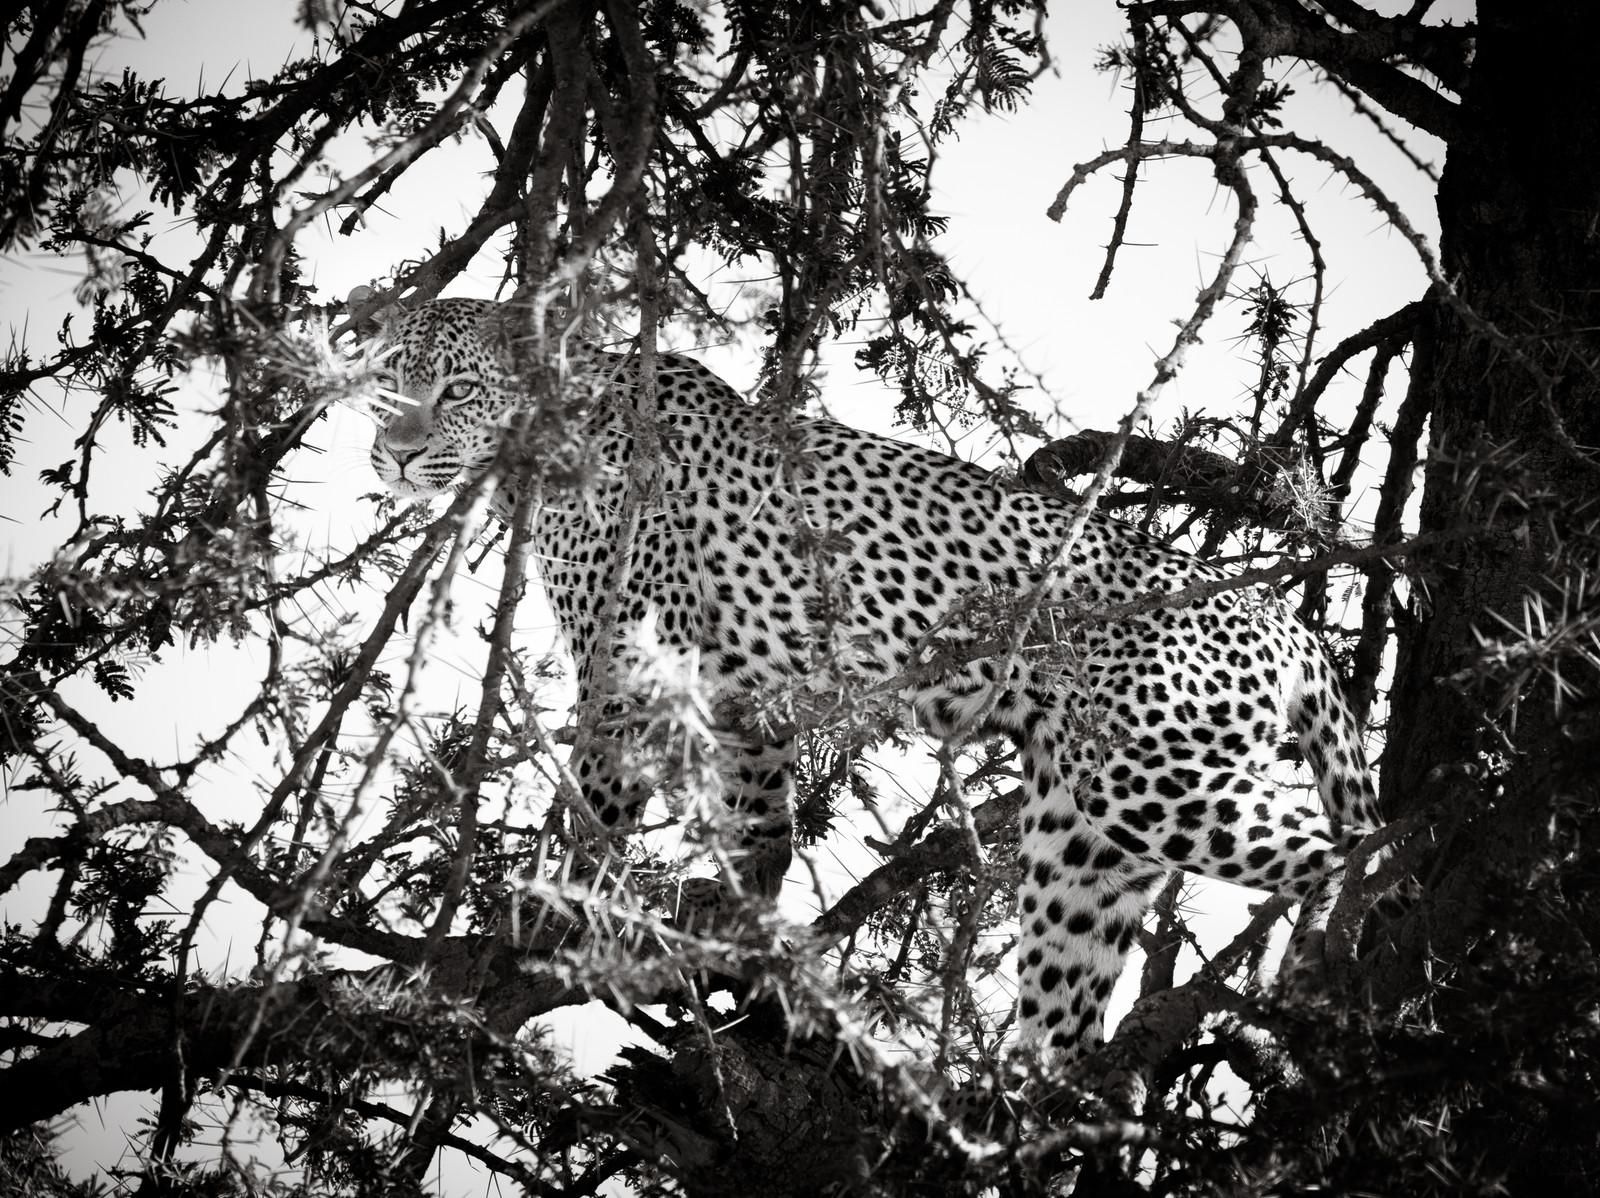 Hidden Leopard Jpg